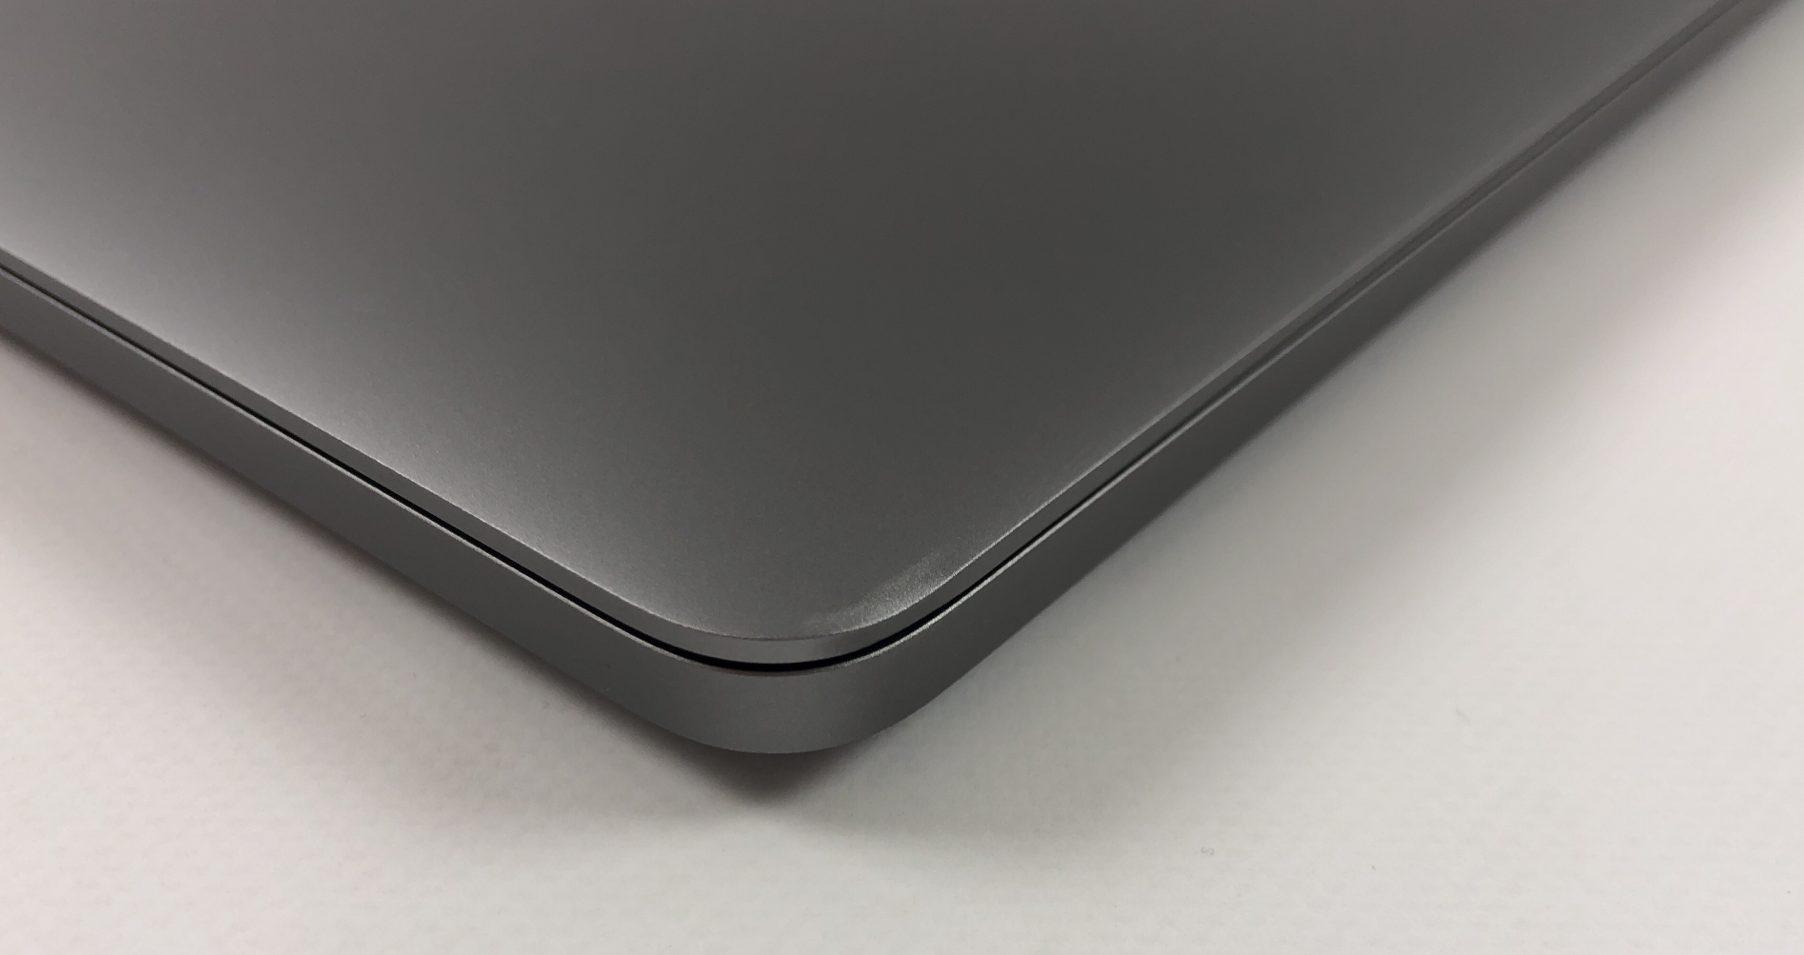 """MacBook Pro 13"""" 4TBT Mid 2018 (Intel Quad-Core i5 2.3 GHz 8 GB RAM 256 GB SSD), Space Gray, Intel Quad-Core i5 2.3 GHz, 8 GB RAM, 256 GB SSD, Kuva 3"""